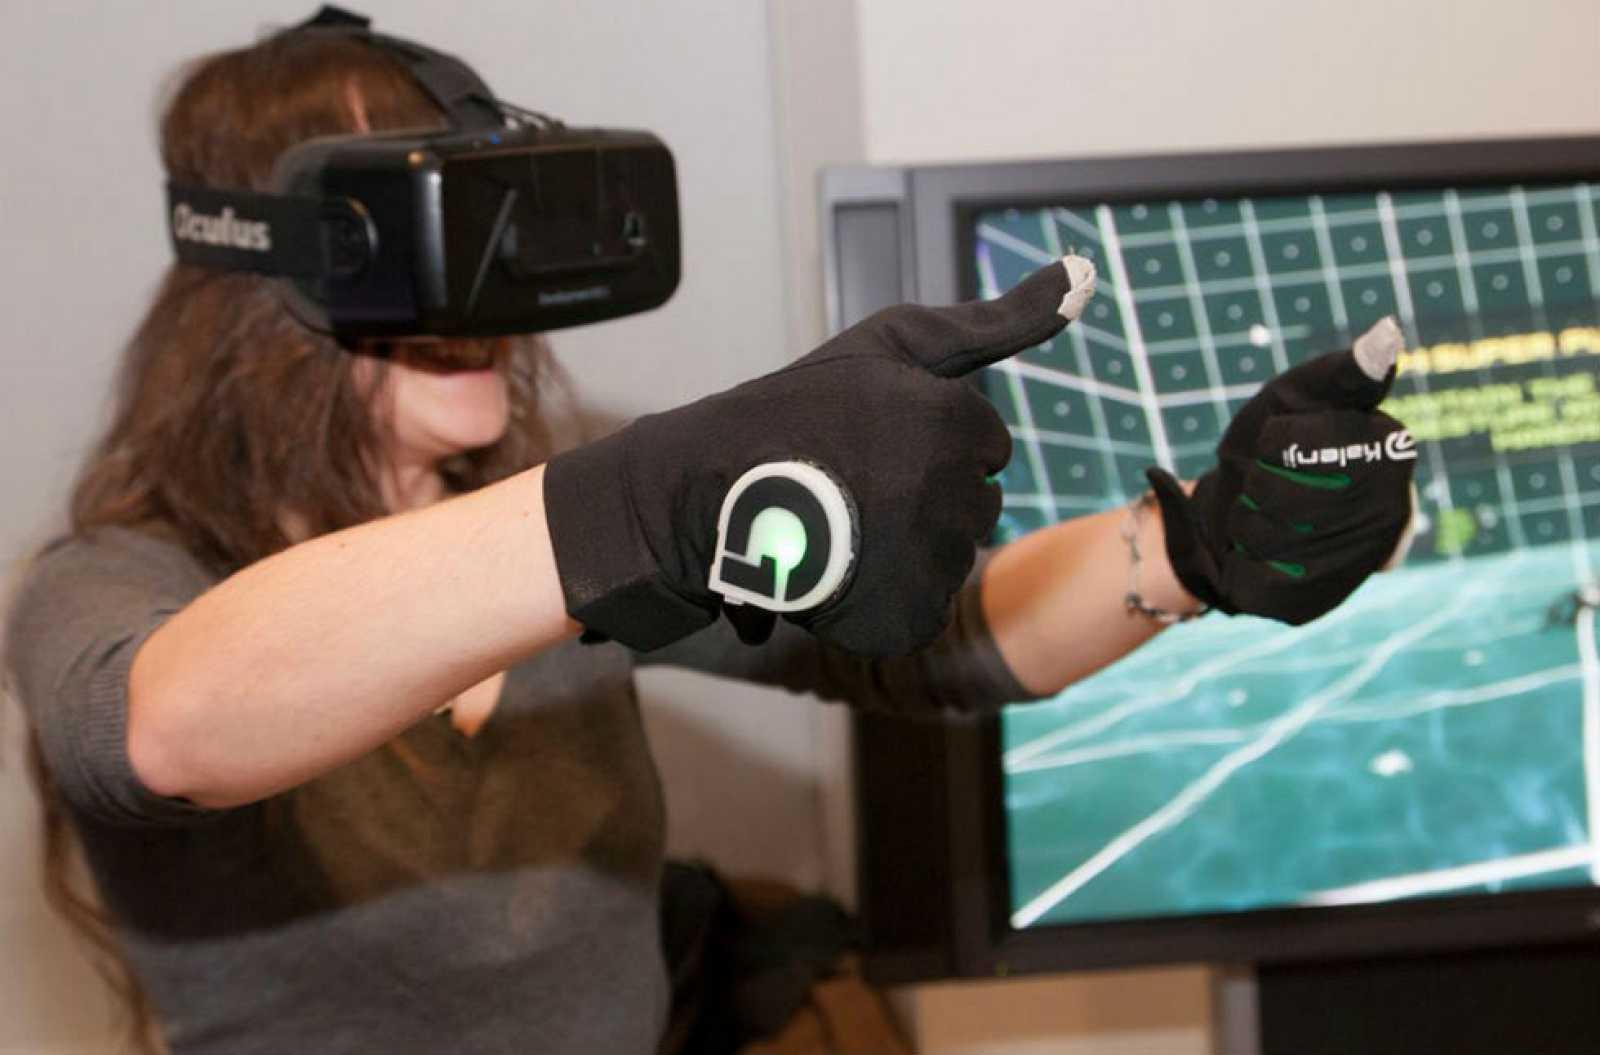 Vivir, tocar y oler la realidad virtual en una tarde